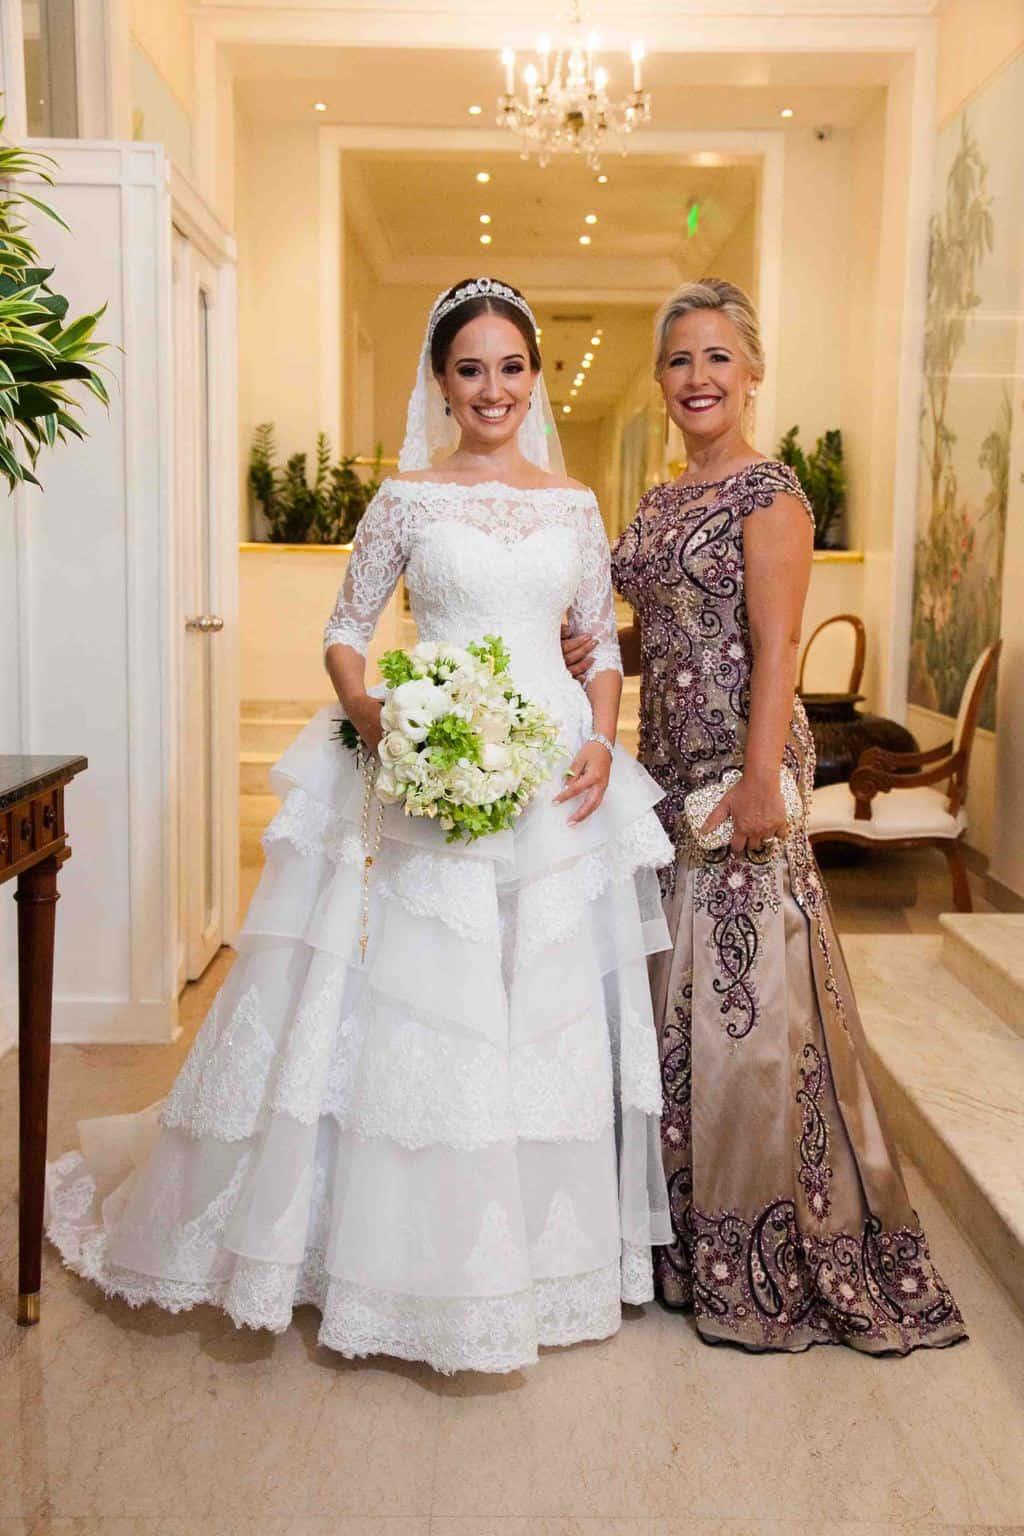 Casamento-Clássico-Casamento-tradicional-Copacabana-Palace-Monica-Roias-Noiva-e-mãe-Ribas-Foto-e-Vídeo-Tuanny-e-Bernardo-CaseMe